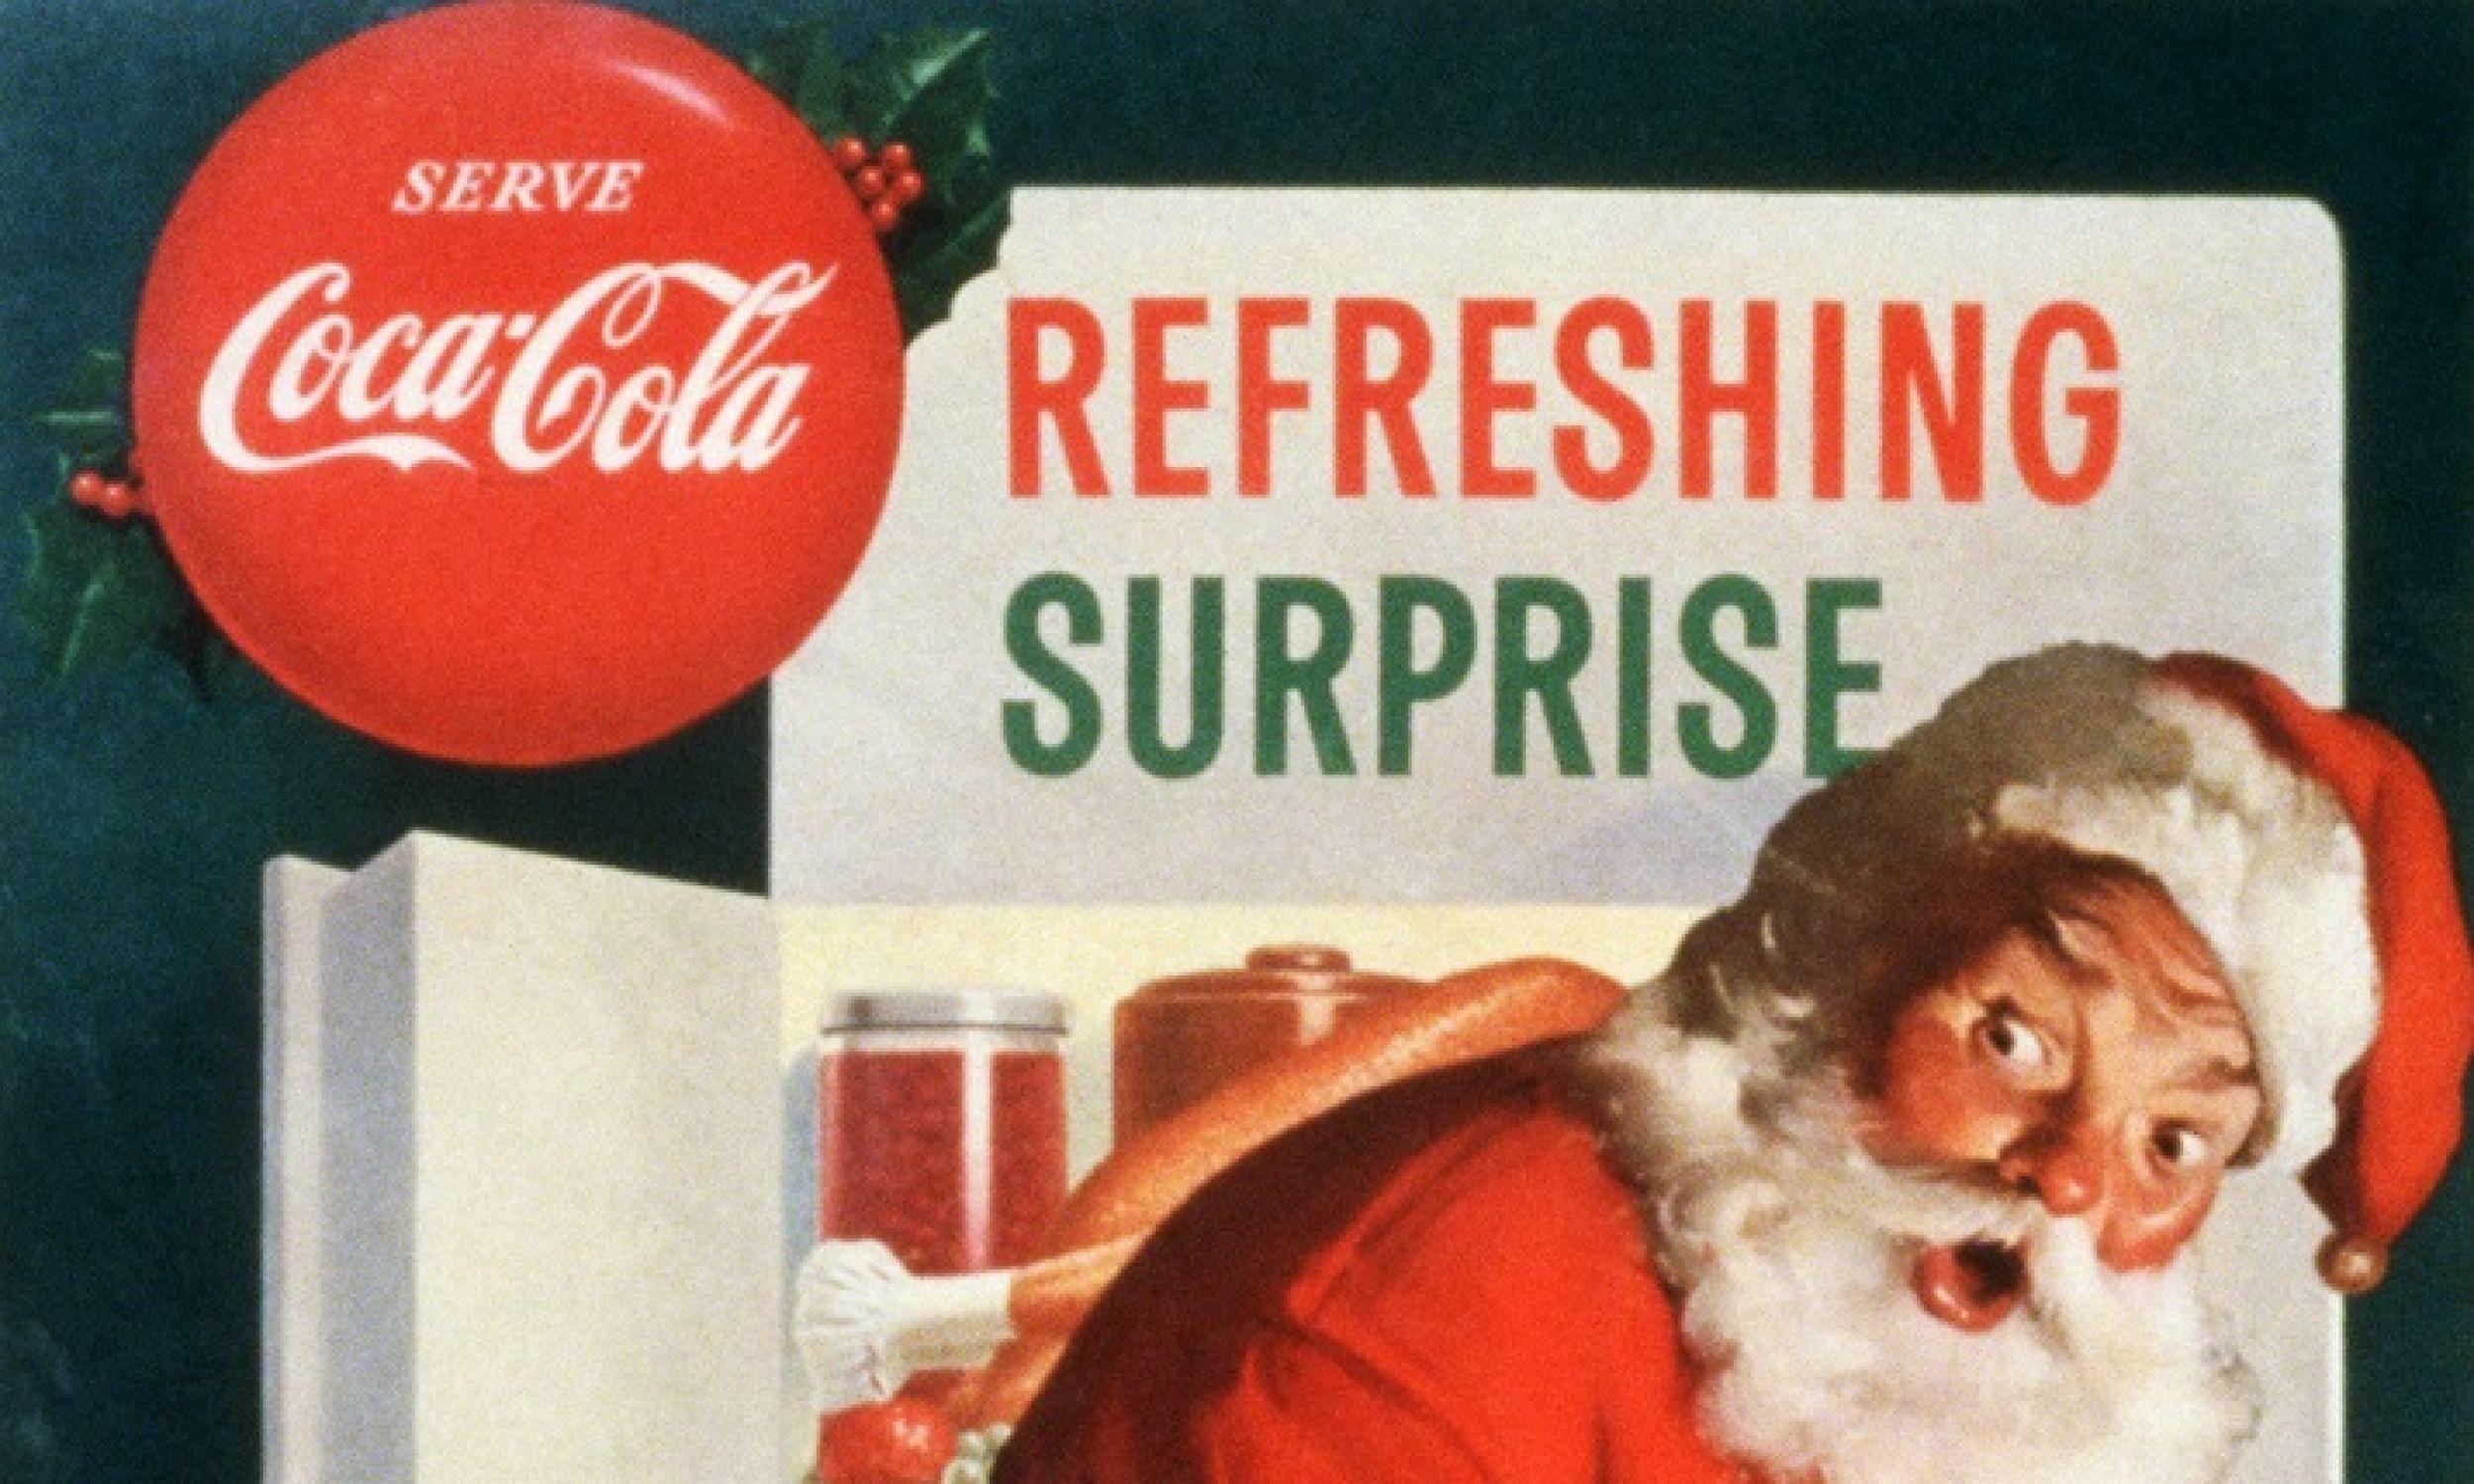 Światowa kariera Santa Claus nie nastąpiłaby zapewne, gdyby nie koncern Coca-Cola. W 1930 roku colę po raz pierwszy rozlano do butelek, aby można ją było wstawić do lodówki. Latem sprzedawała się dobrze, ale jak skłonić do jej picia zimą? Tu niezastąpiony okazał się mikołaj. W 1931 roku powstał pierwszy przedstawiający go rysunek jak pije czy podkrada colę, autorstwa Huddona Sundbloma, ostatni w 1964. Na zdjęciu plakat Sundbloma z 1953 r. Fot. Library of Congress/Corbis/VCG via Getty Images